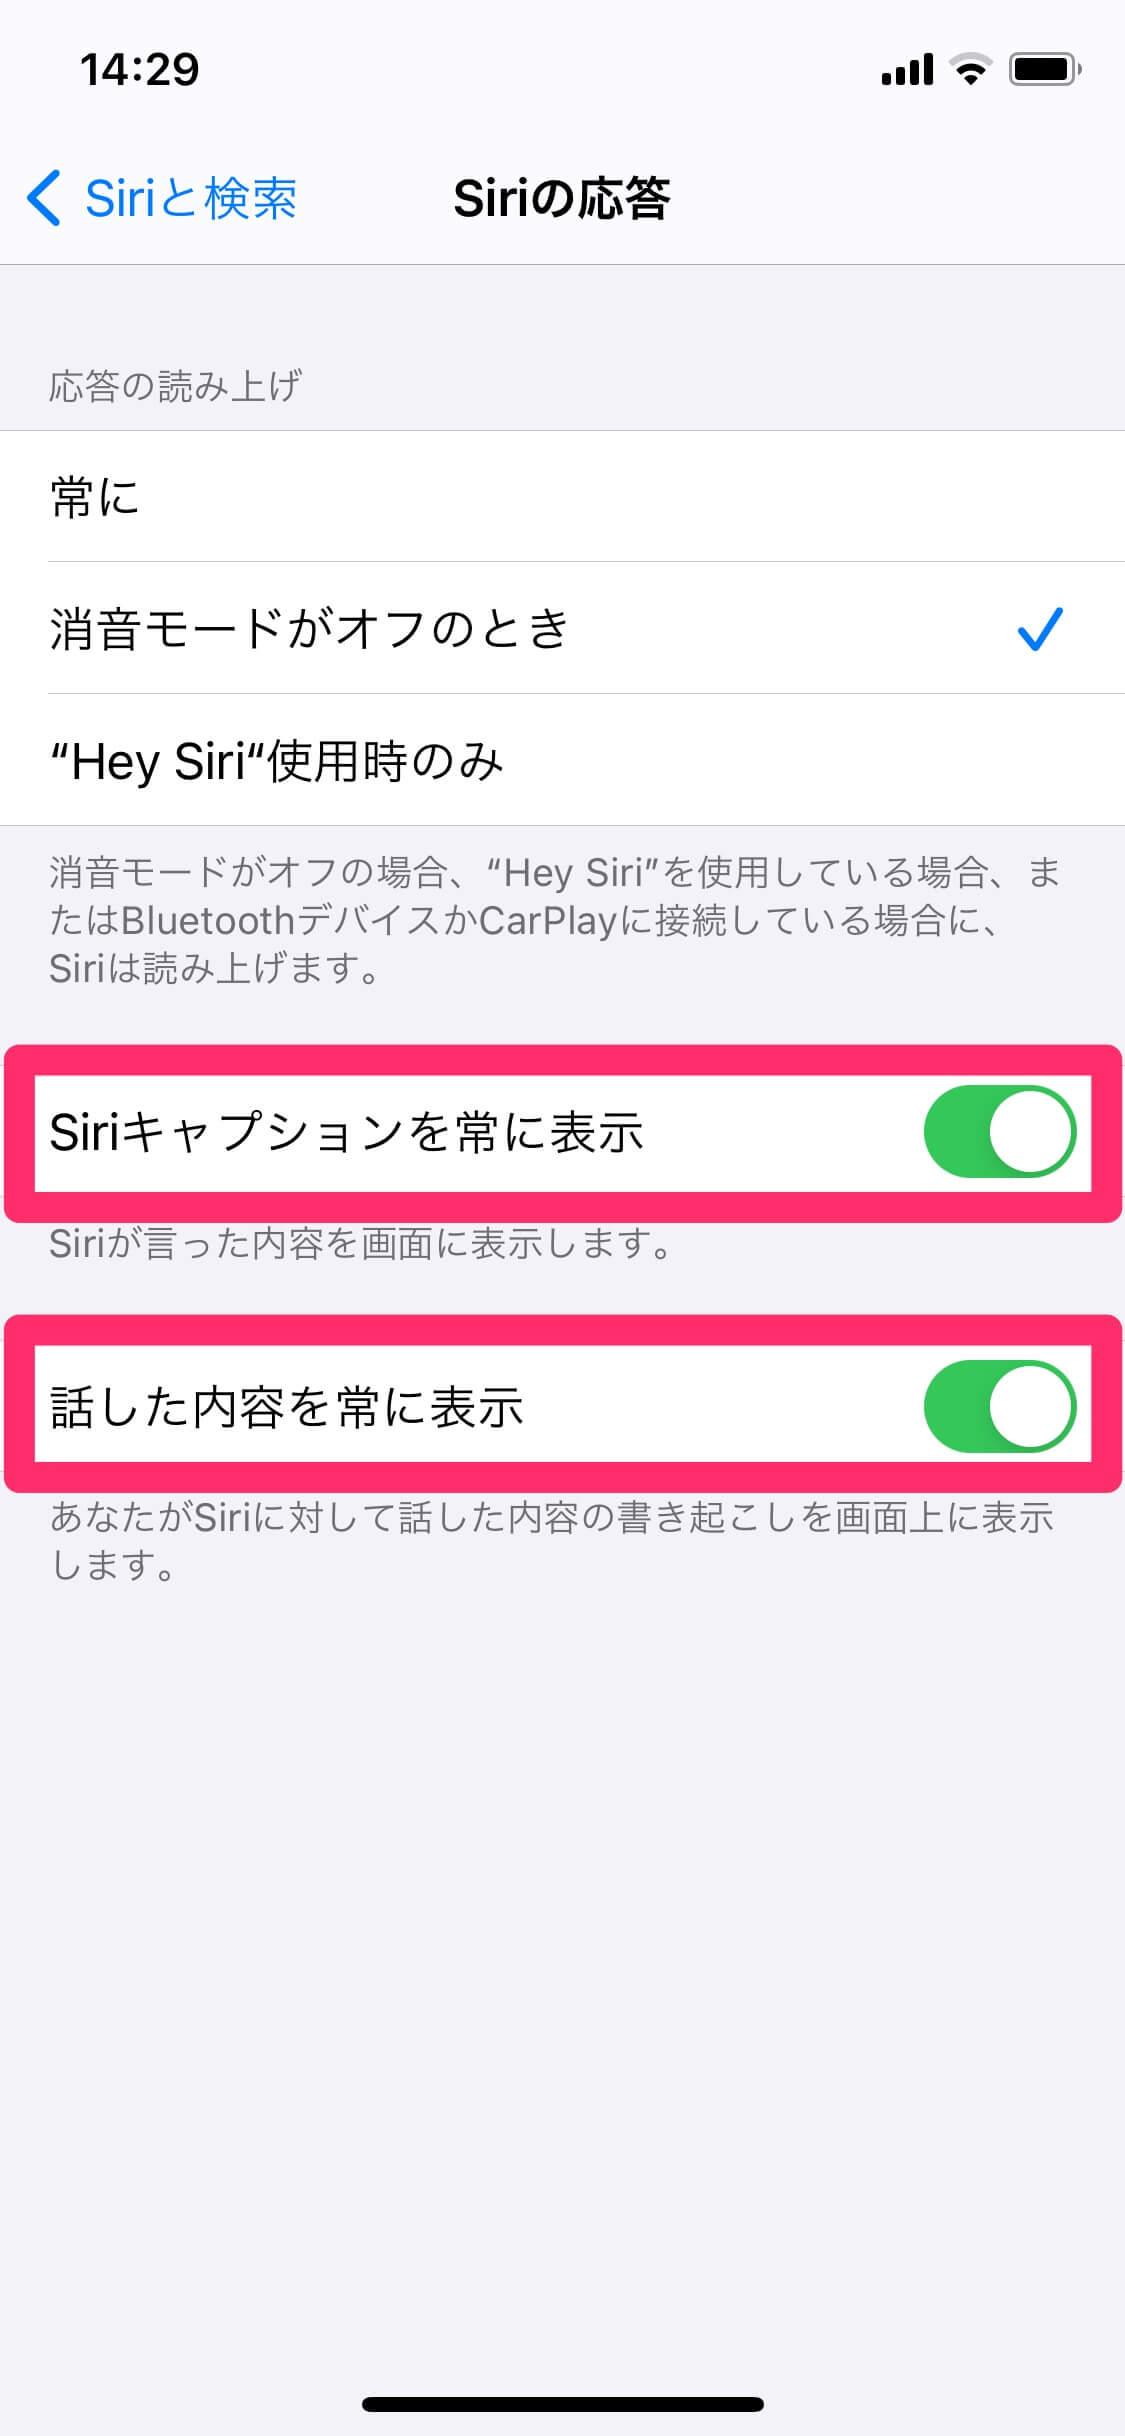 【iOS 14】まだアドレスバーから入力してるの? Web検索はコンパクトになったSiriが便利